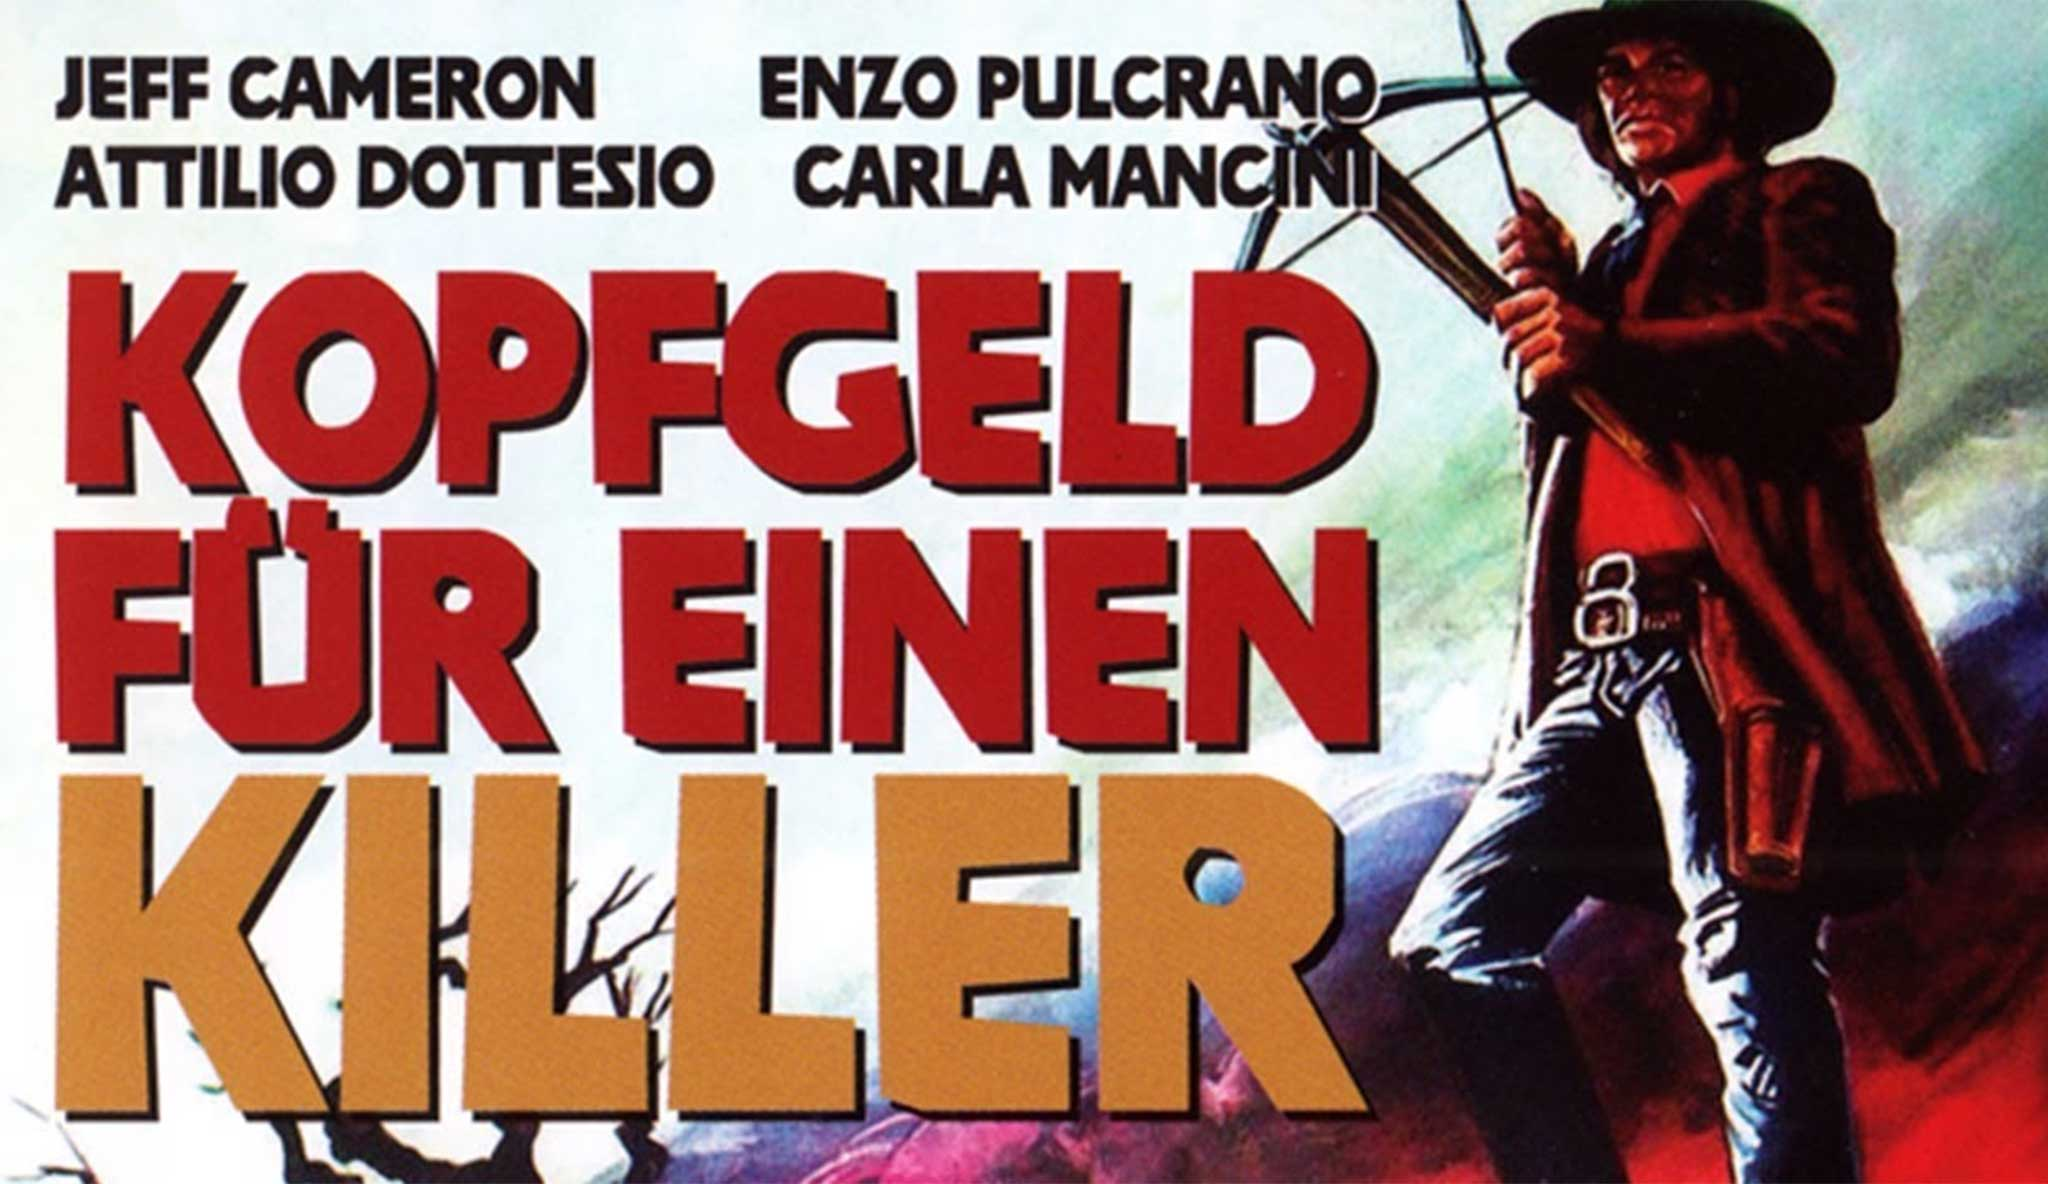 kopfgeld-fur-einen-killer\header.jpg